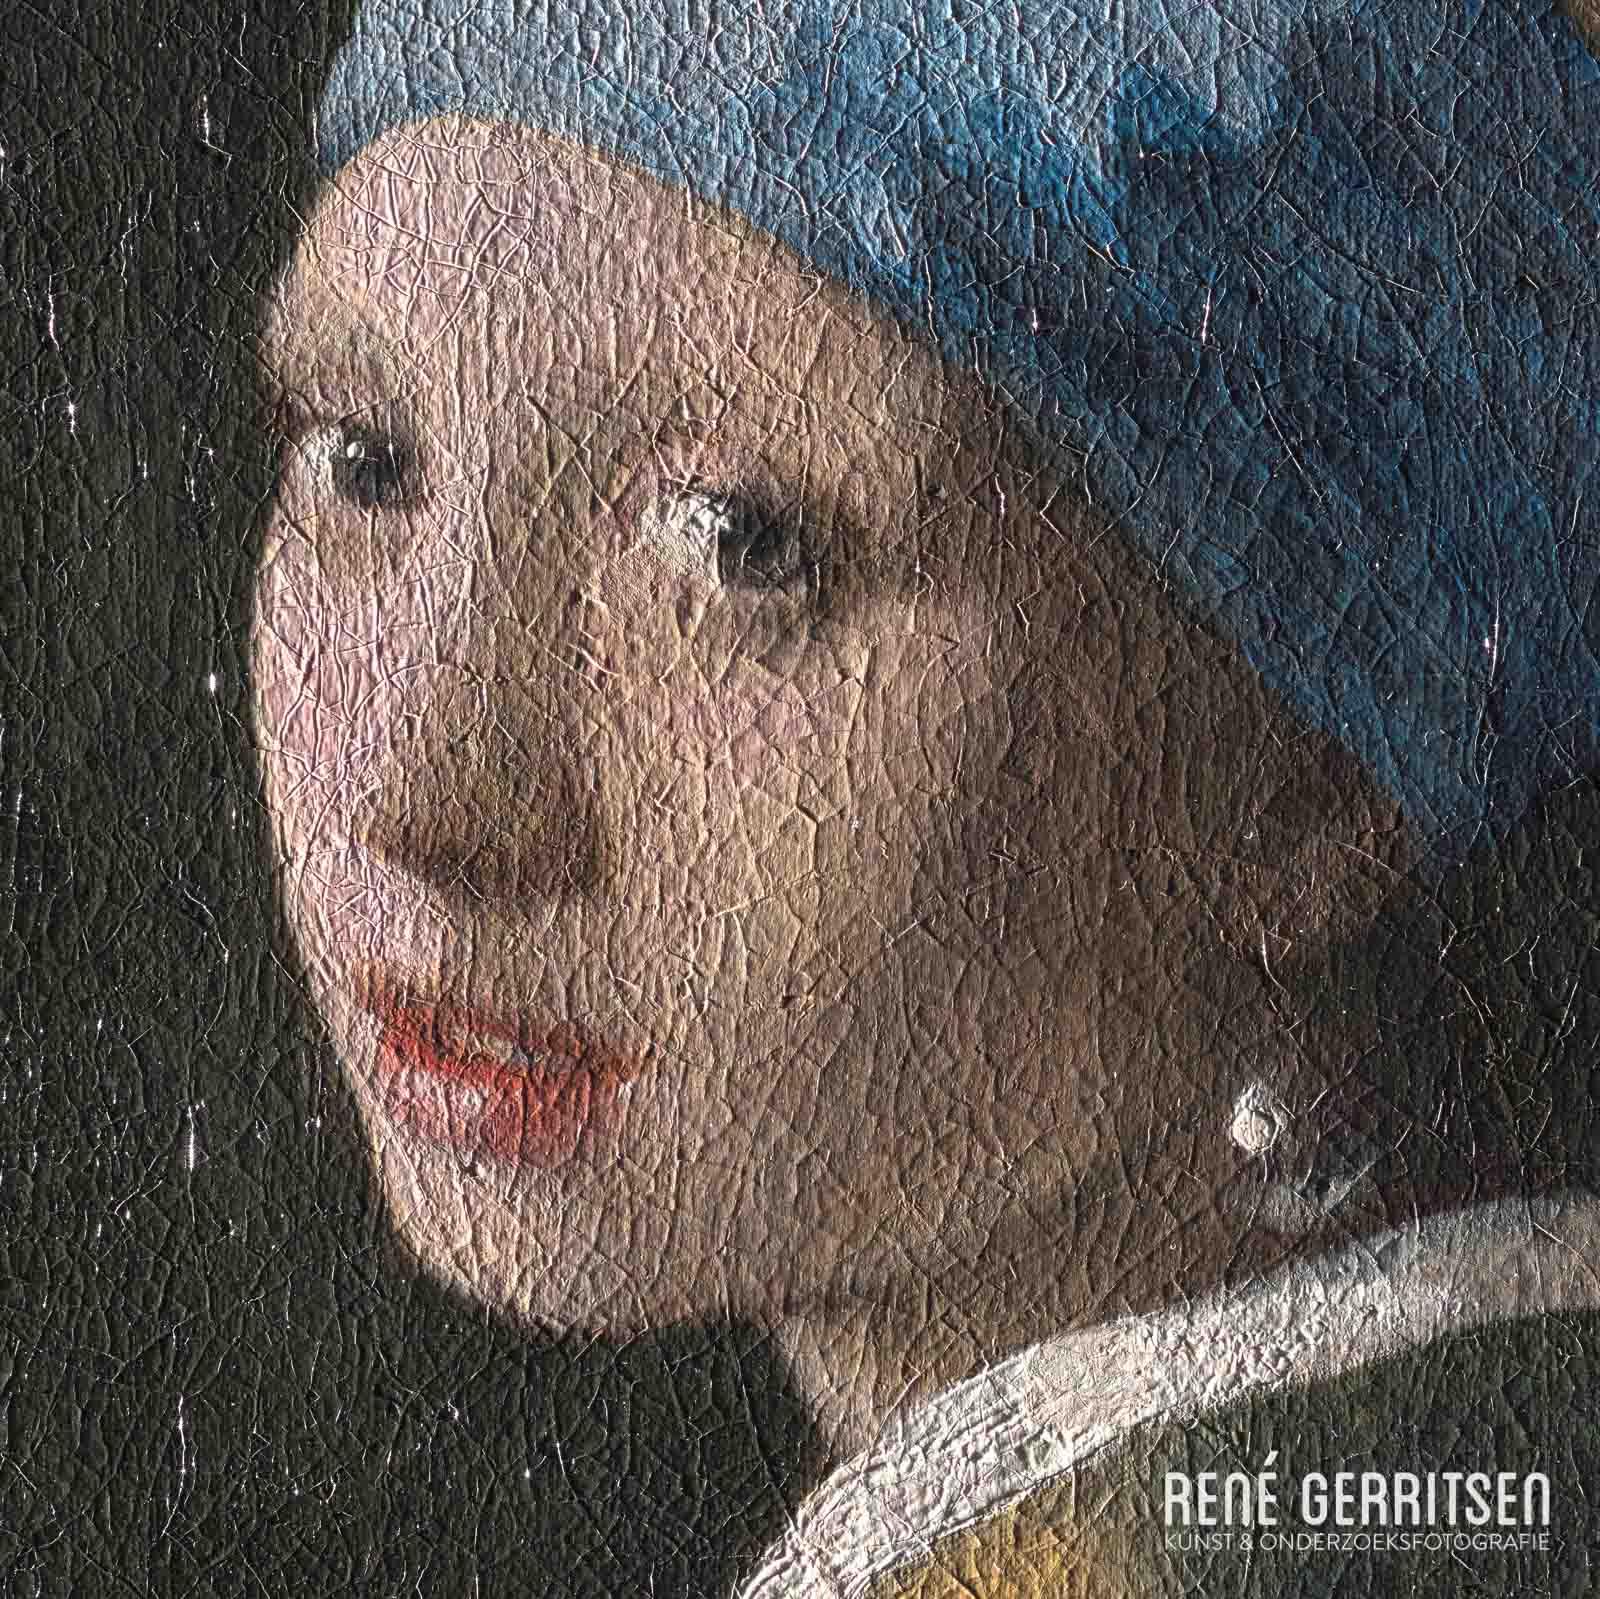 meisje met de parel strijklicht © René S. Gerritsen.jpg